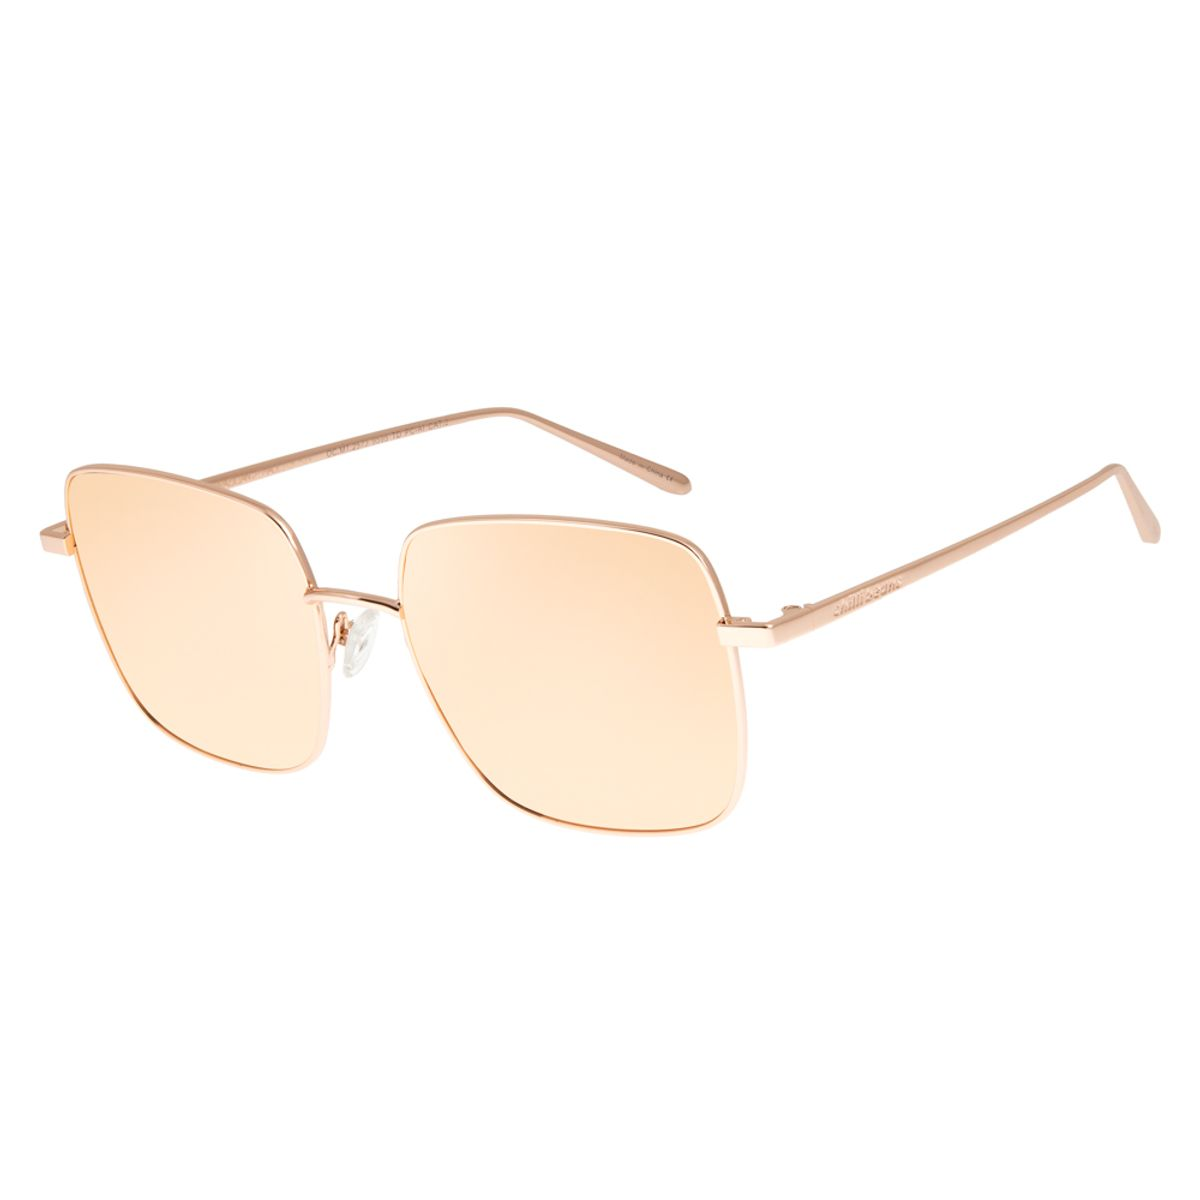 2151c6b57 Óculos de Sol Feminino Chilli Beans Rose 2573 - OC.MT.2573.9595 M. REF:  OC.MT.2573.9595. OC.